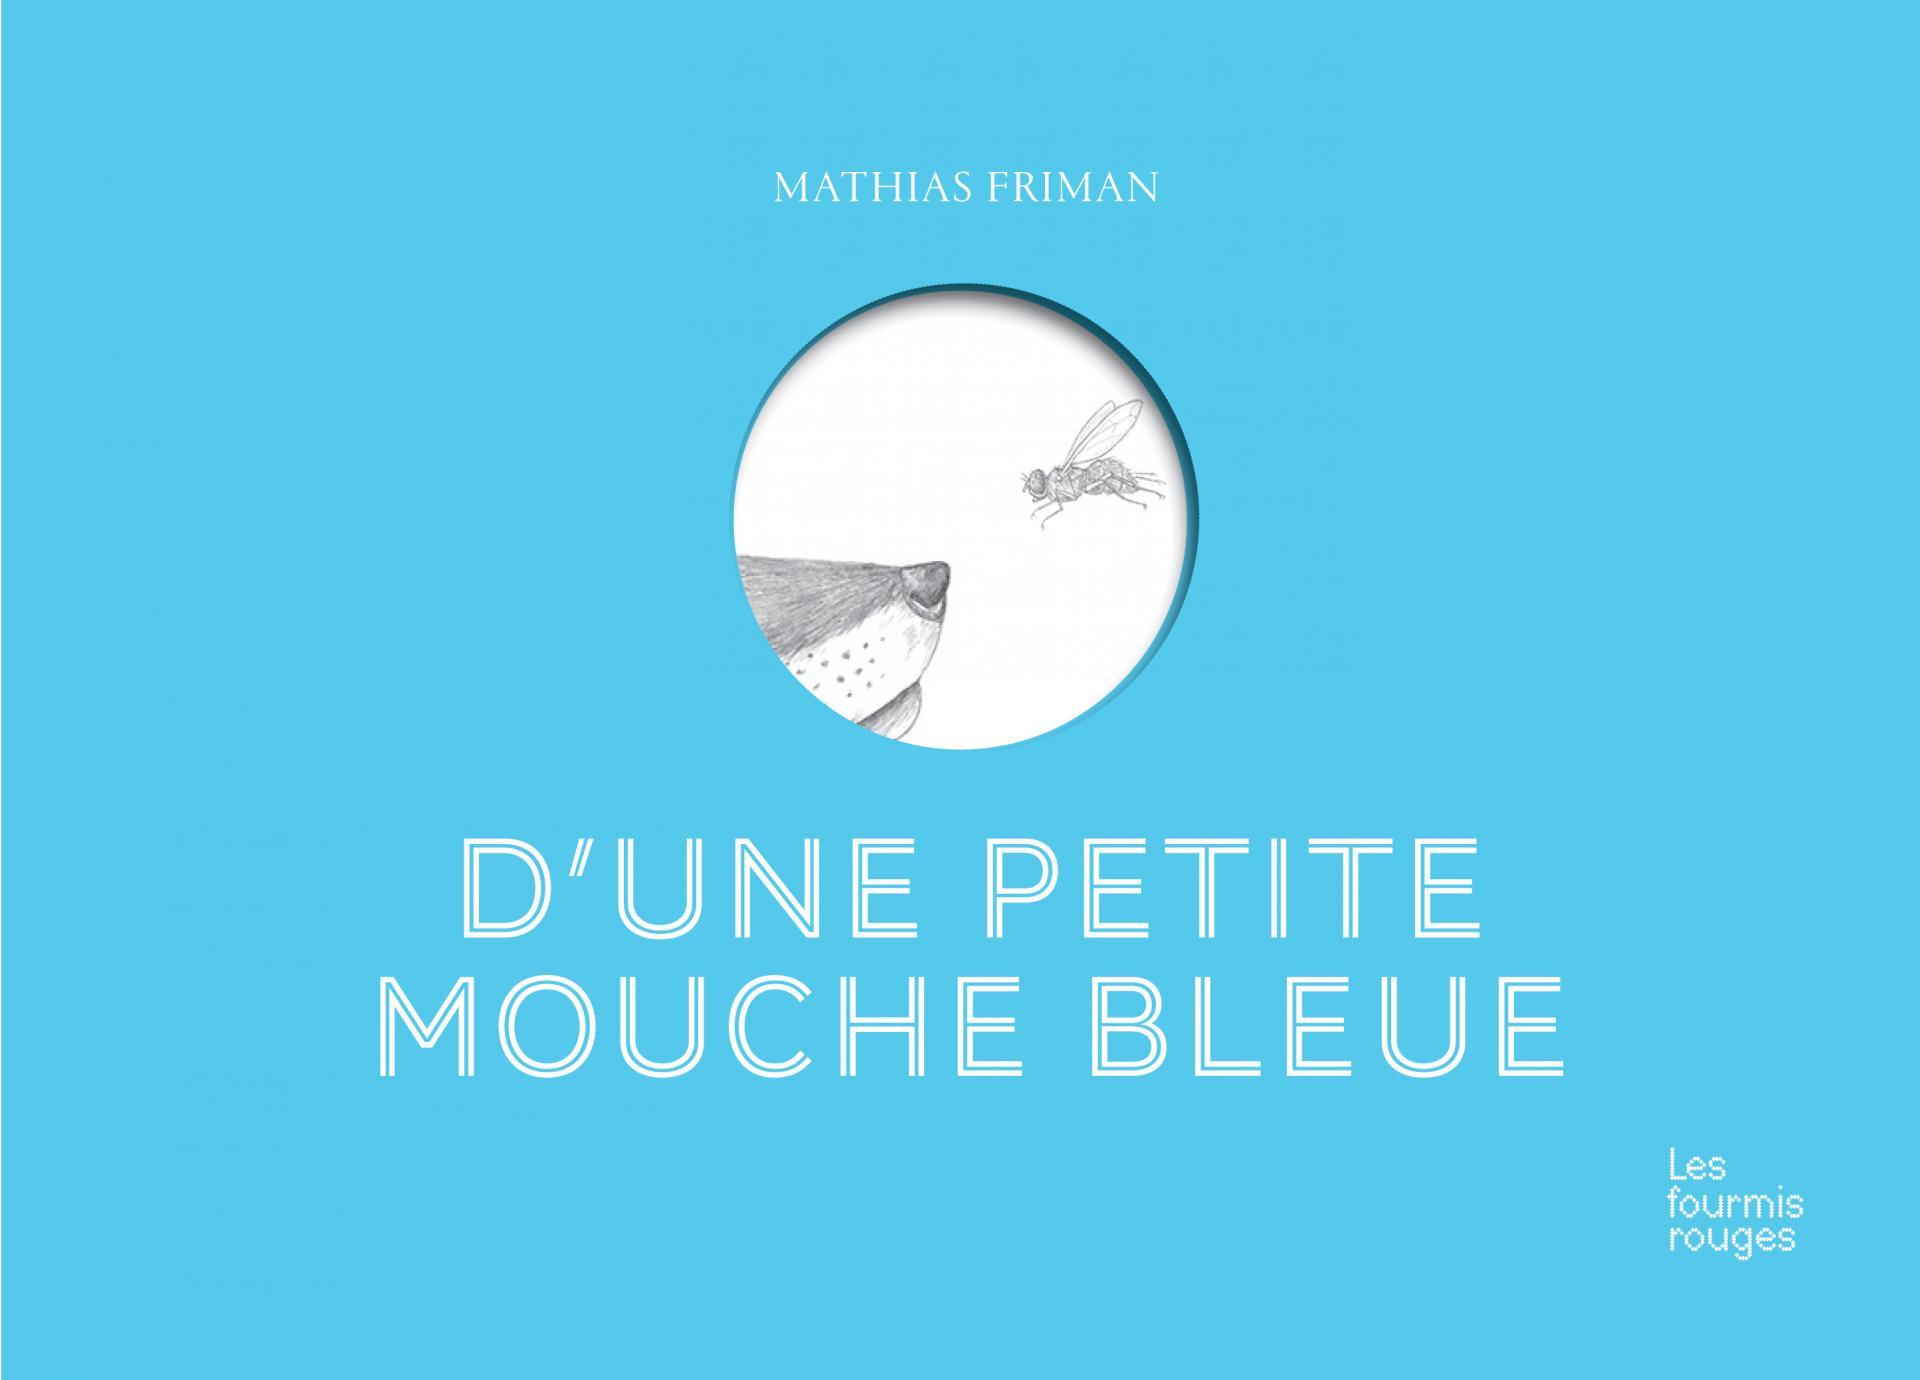 Petite mouche bleue couv